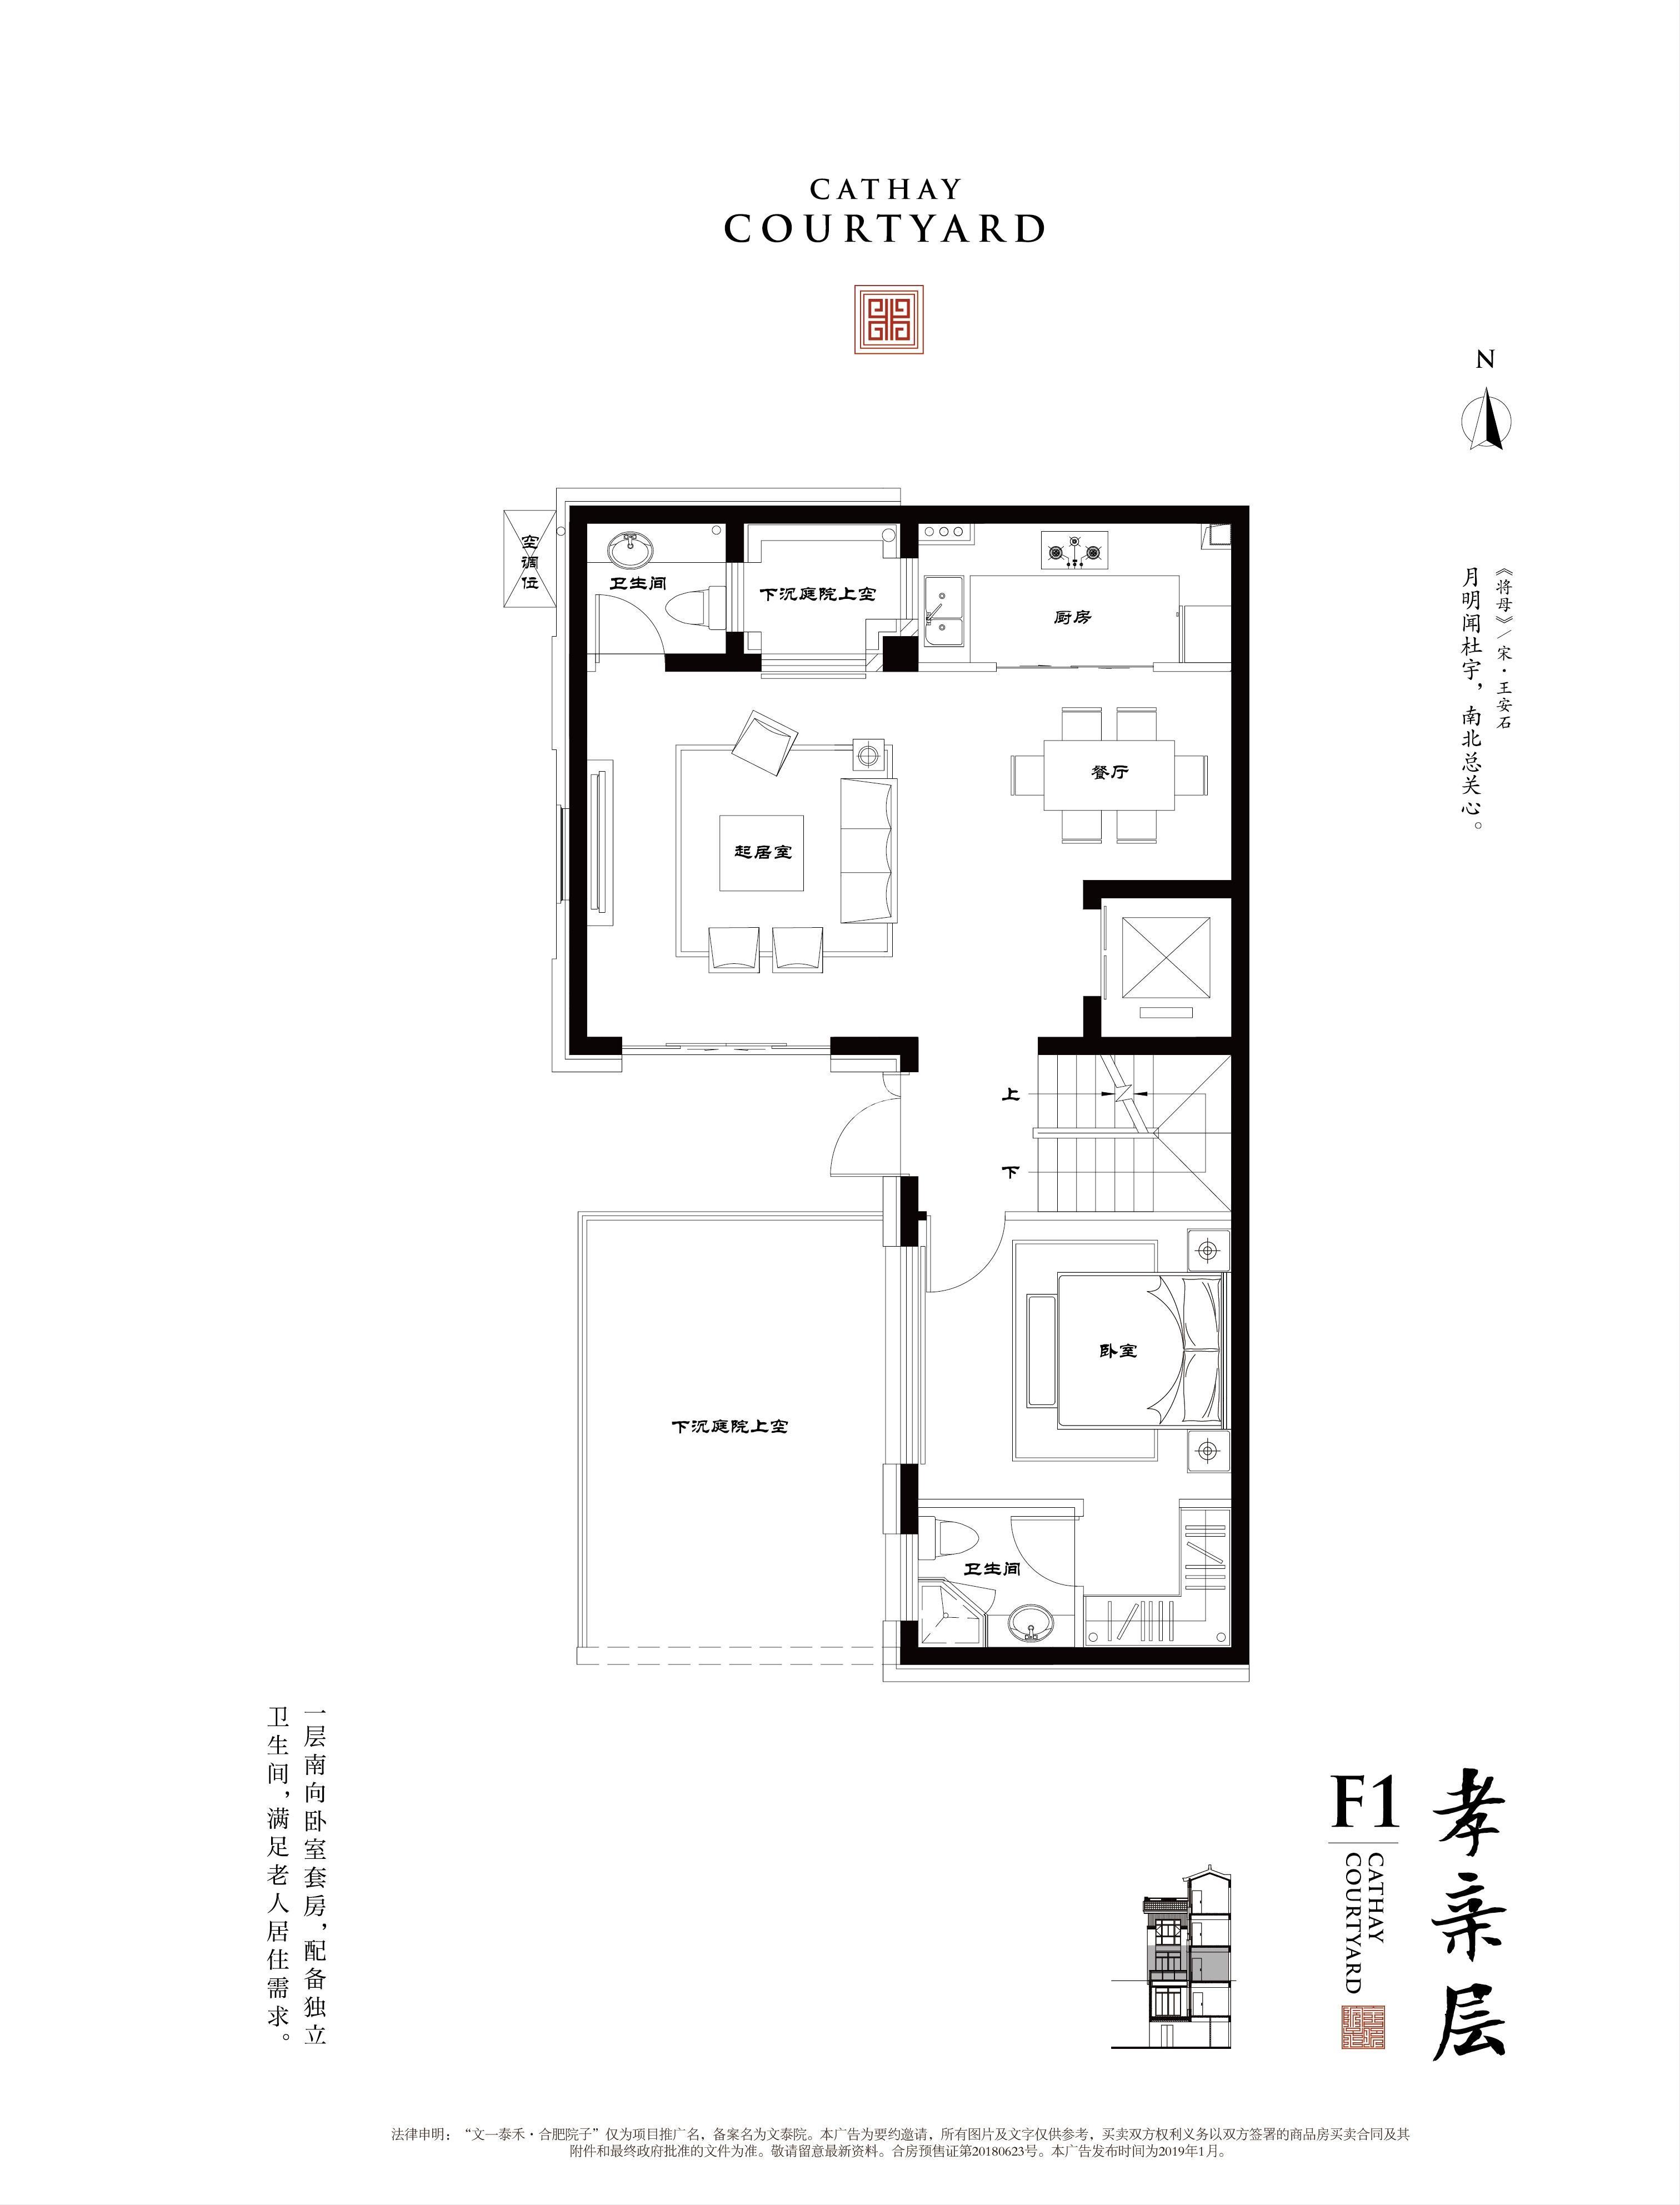 文一泰禾合肥院子别墅315-350㎡踏莎行F1孝亲层户型图